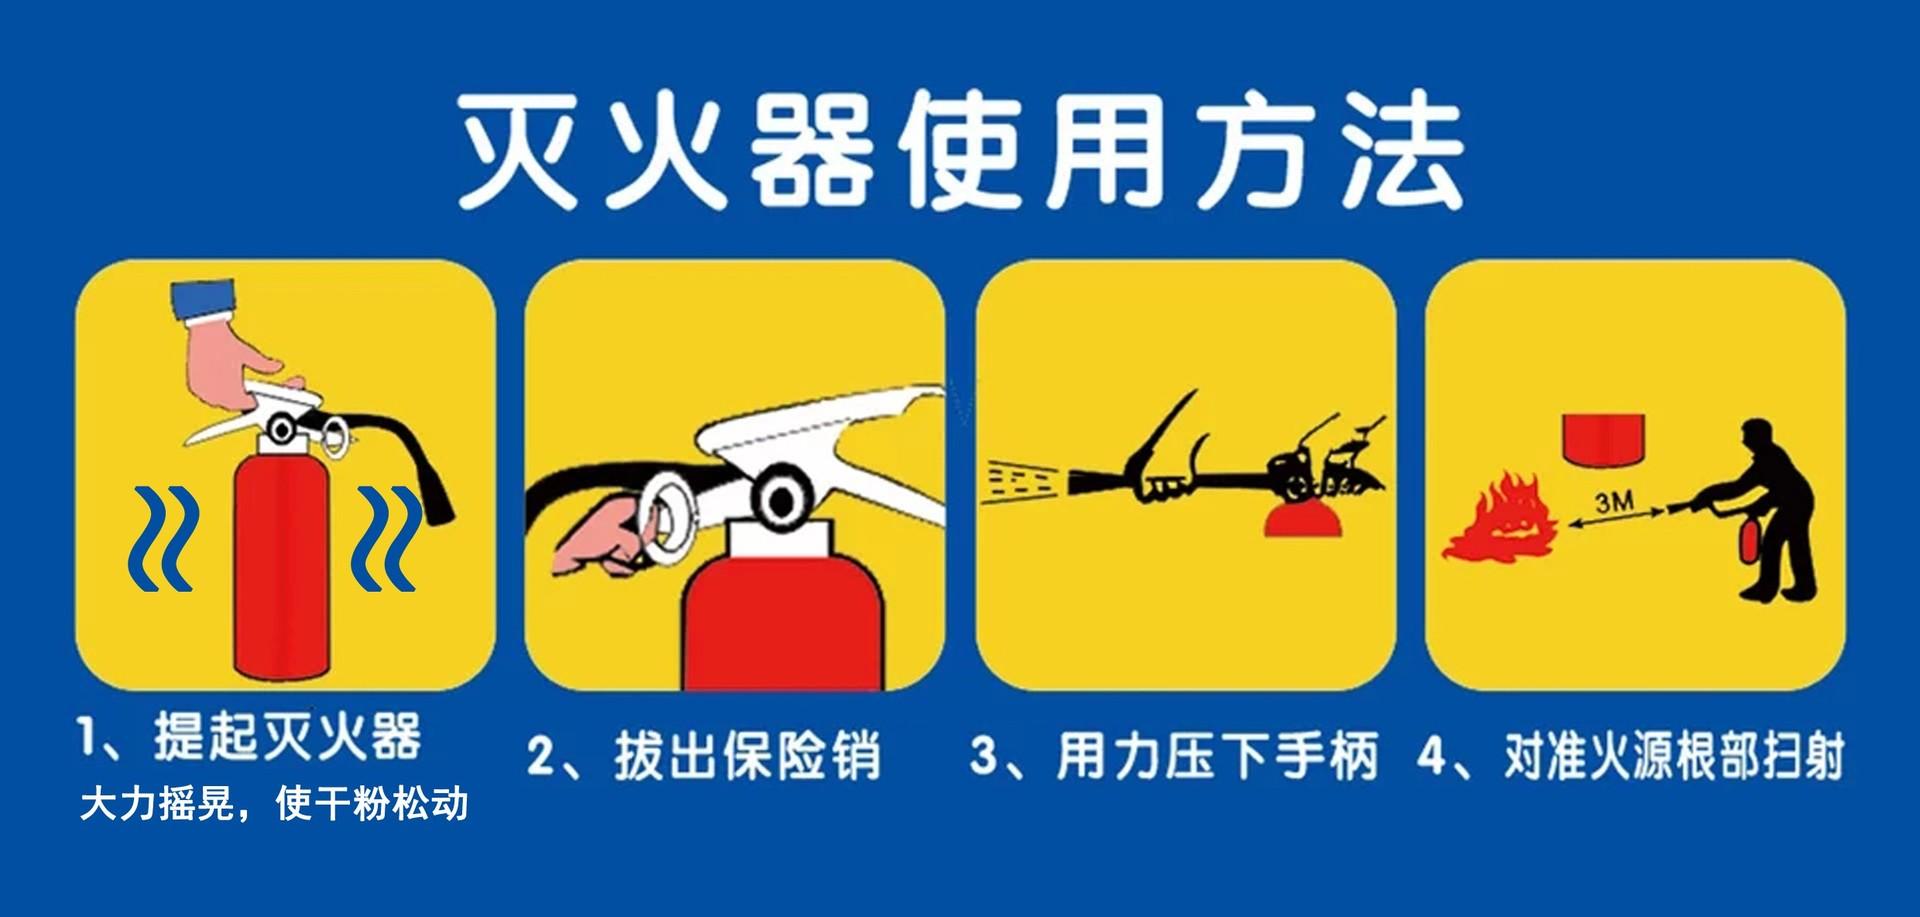 图解灭火器使用.jpg